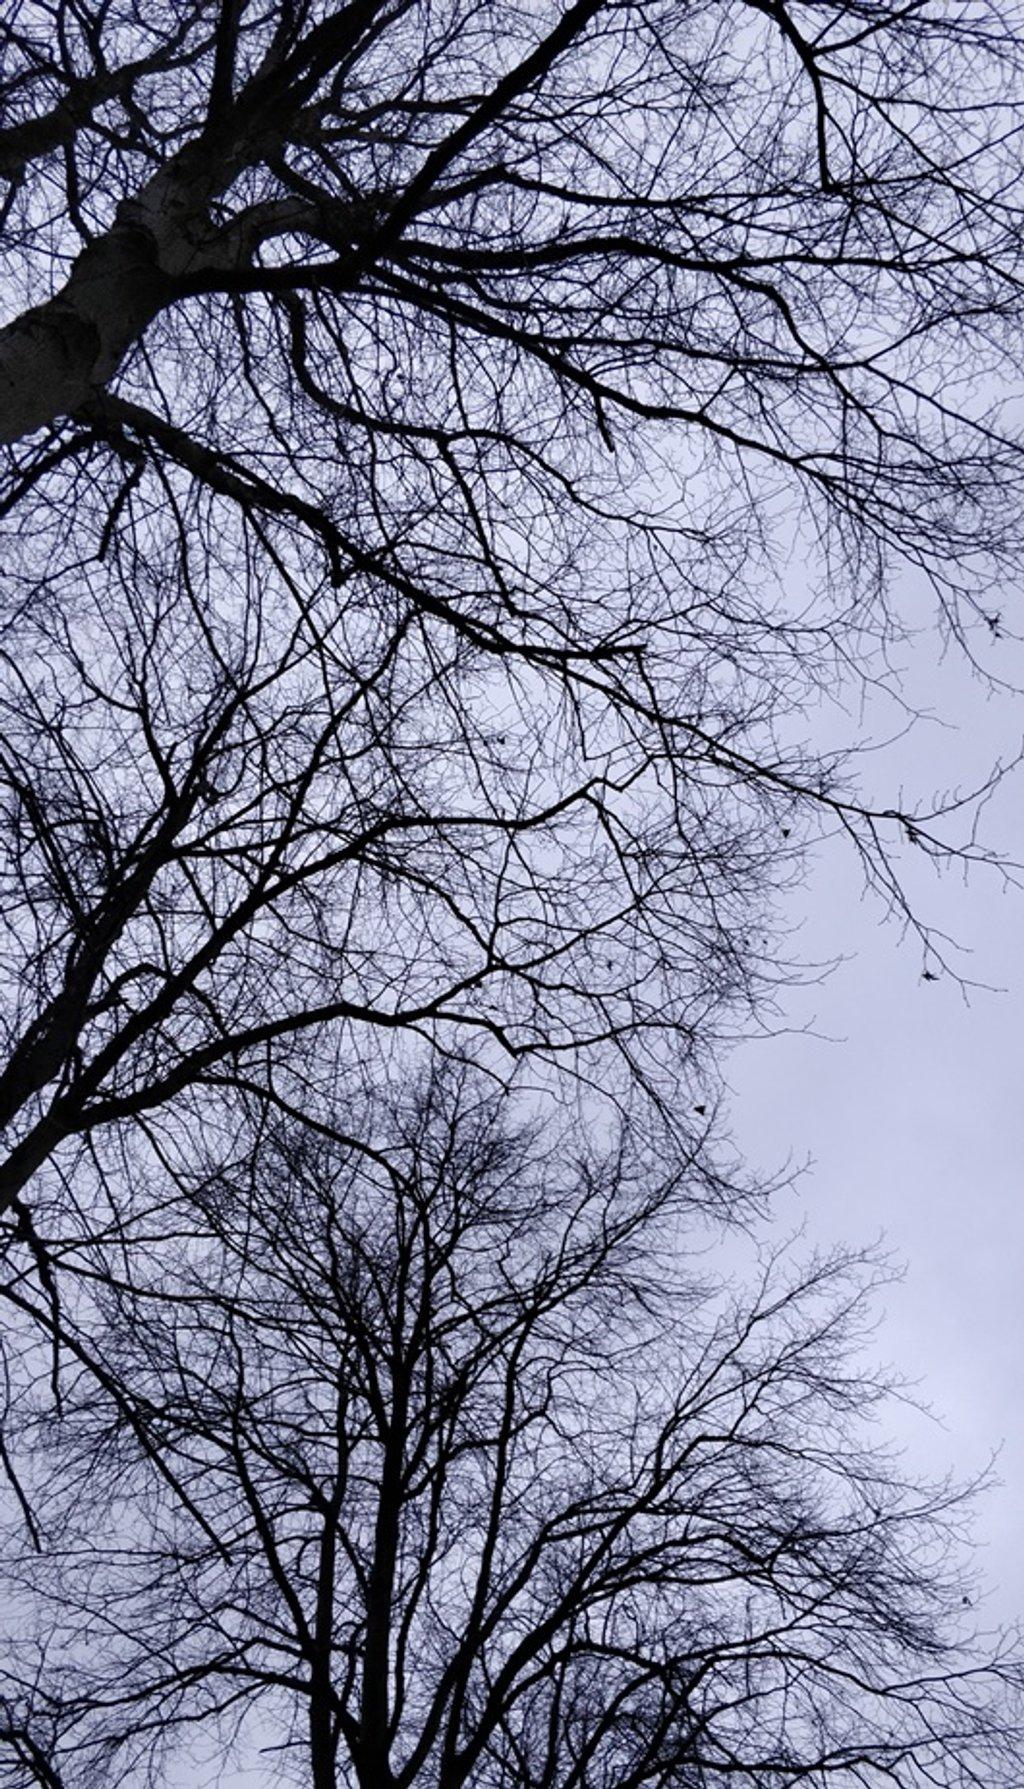 November sky by roachling